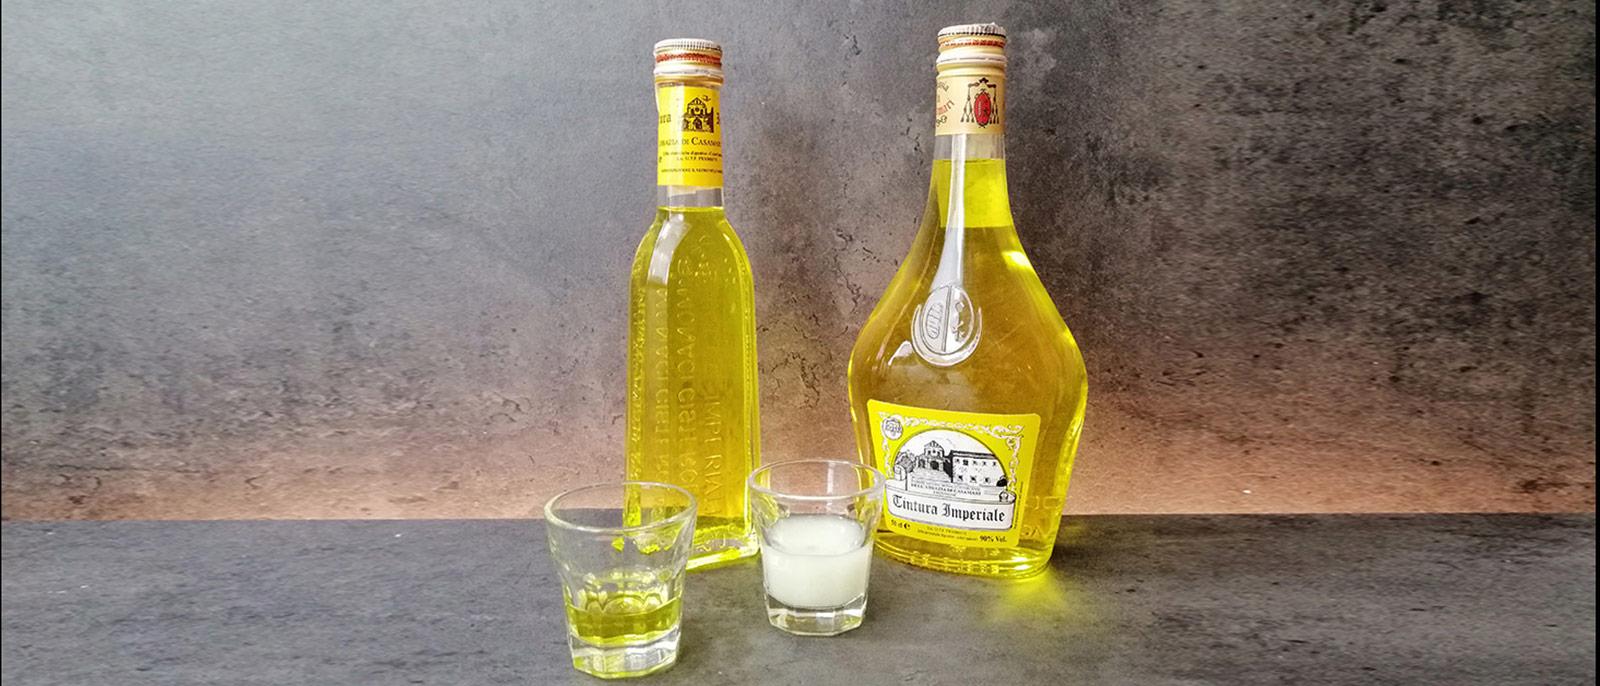 Liquore Gocce Imperiali (Tintura Imperiale) dei Monaci Cistercensi